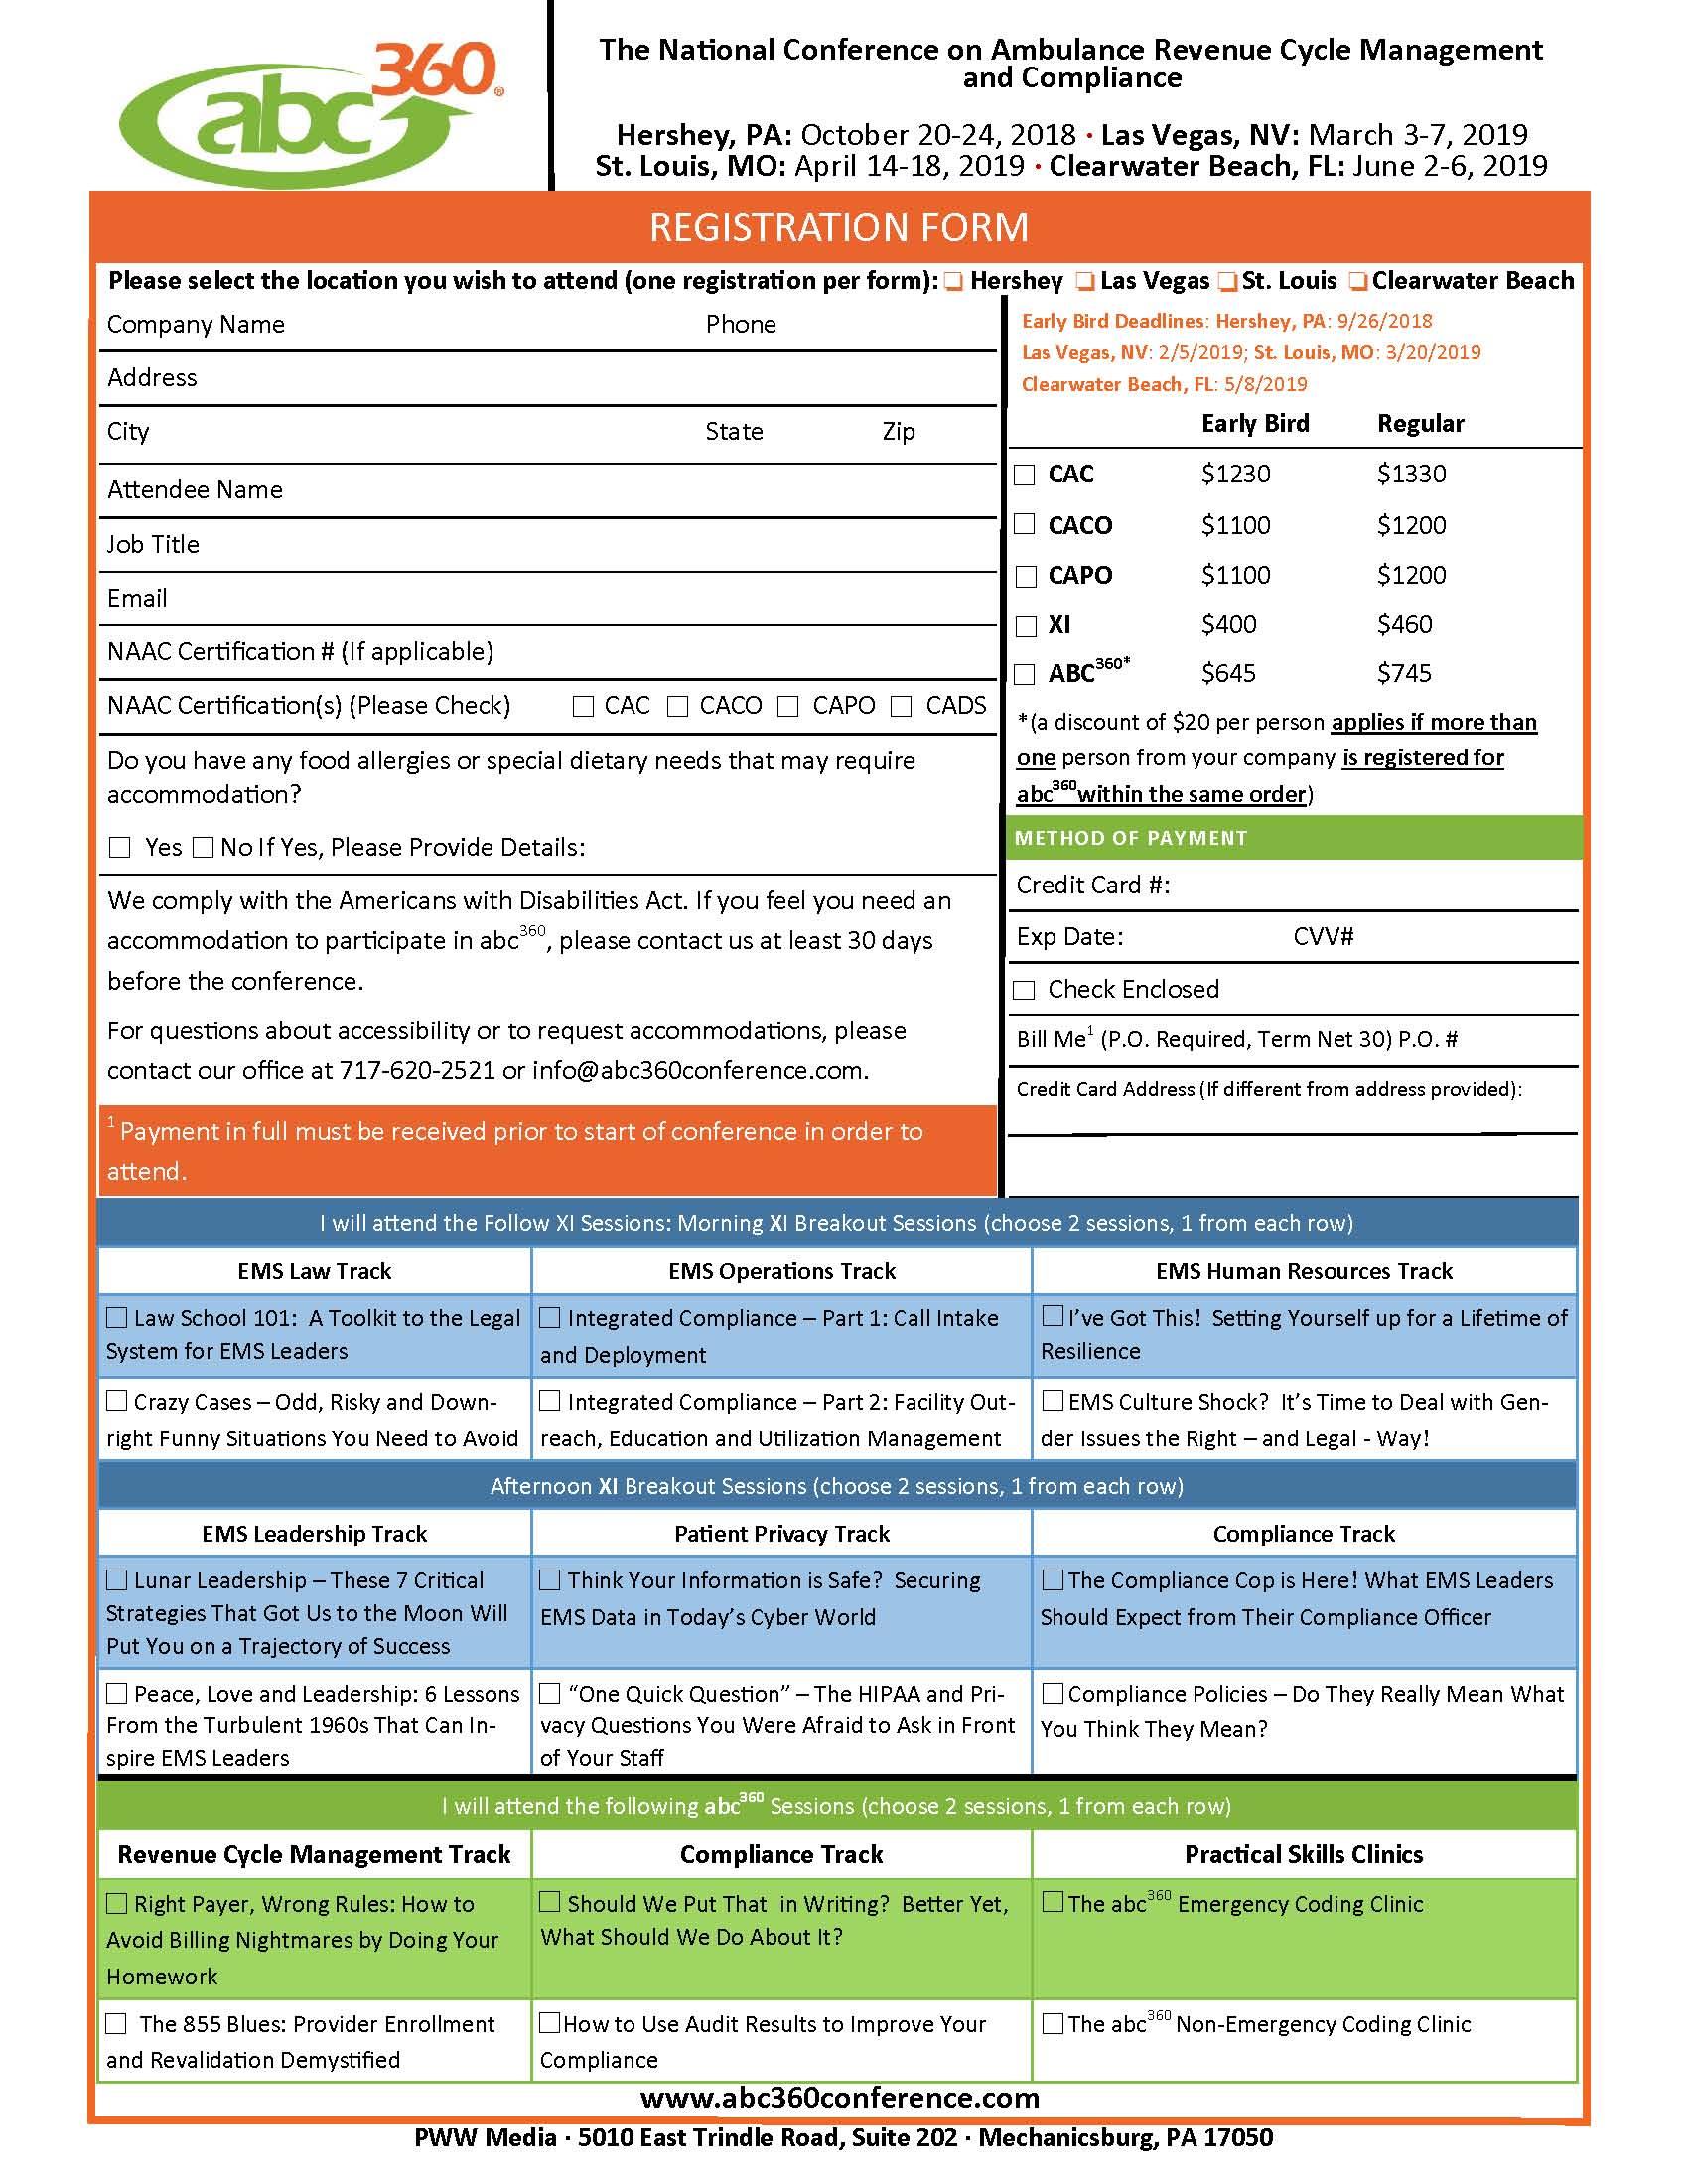 2018-19 Registration Form